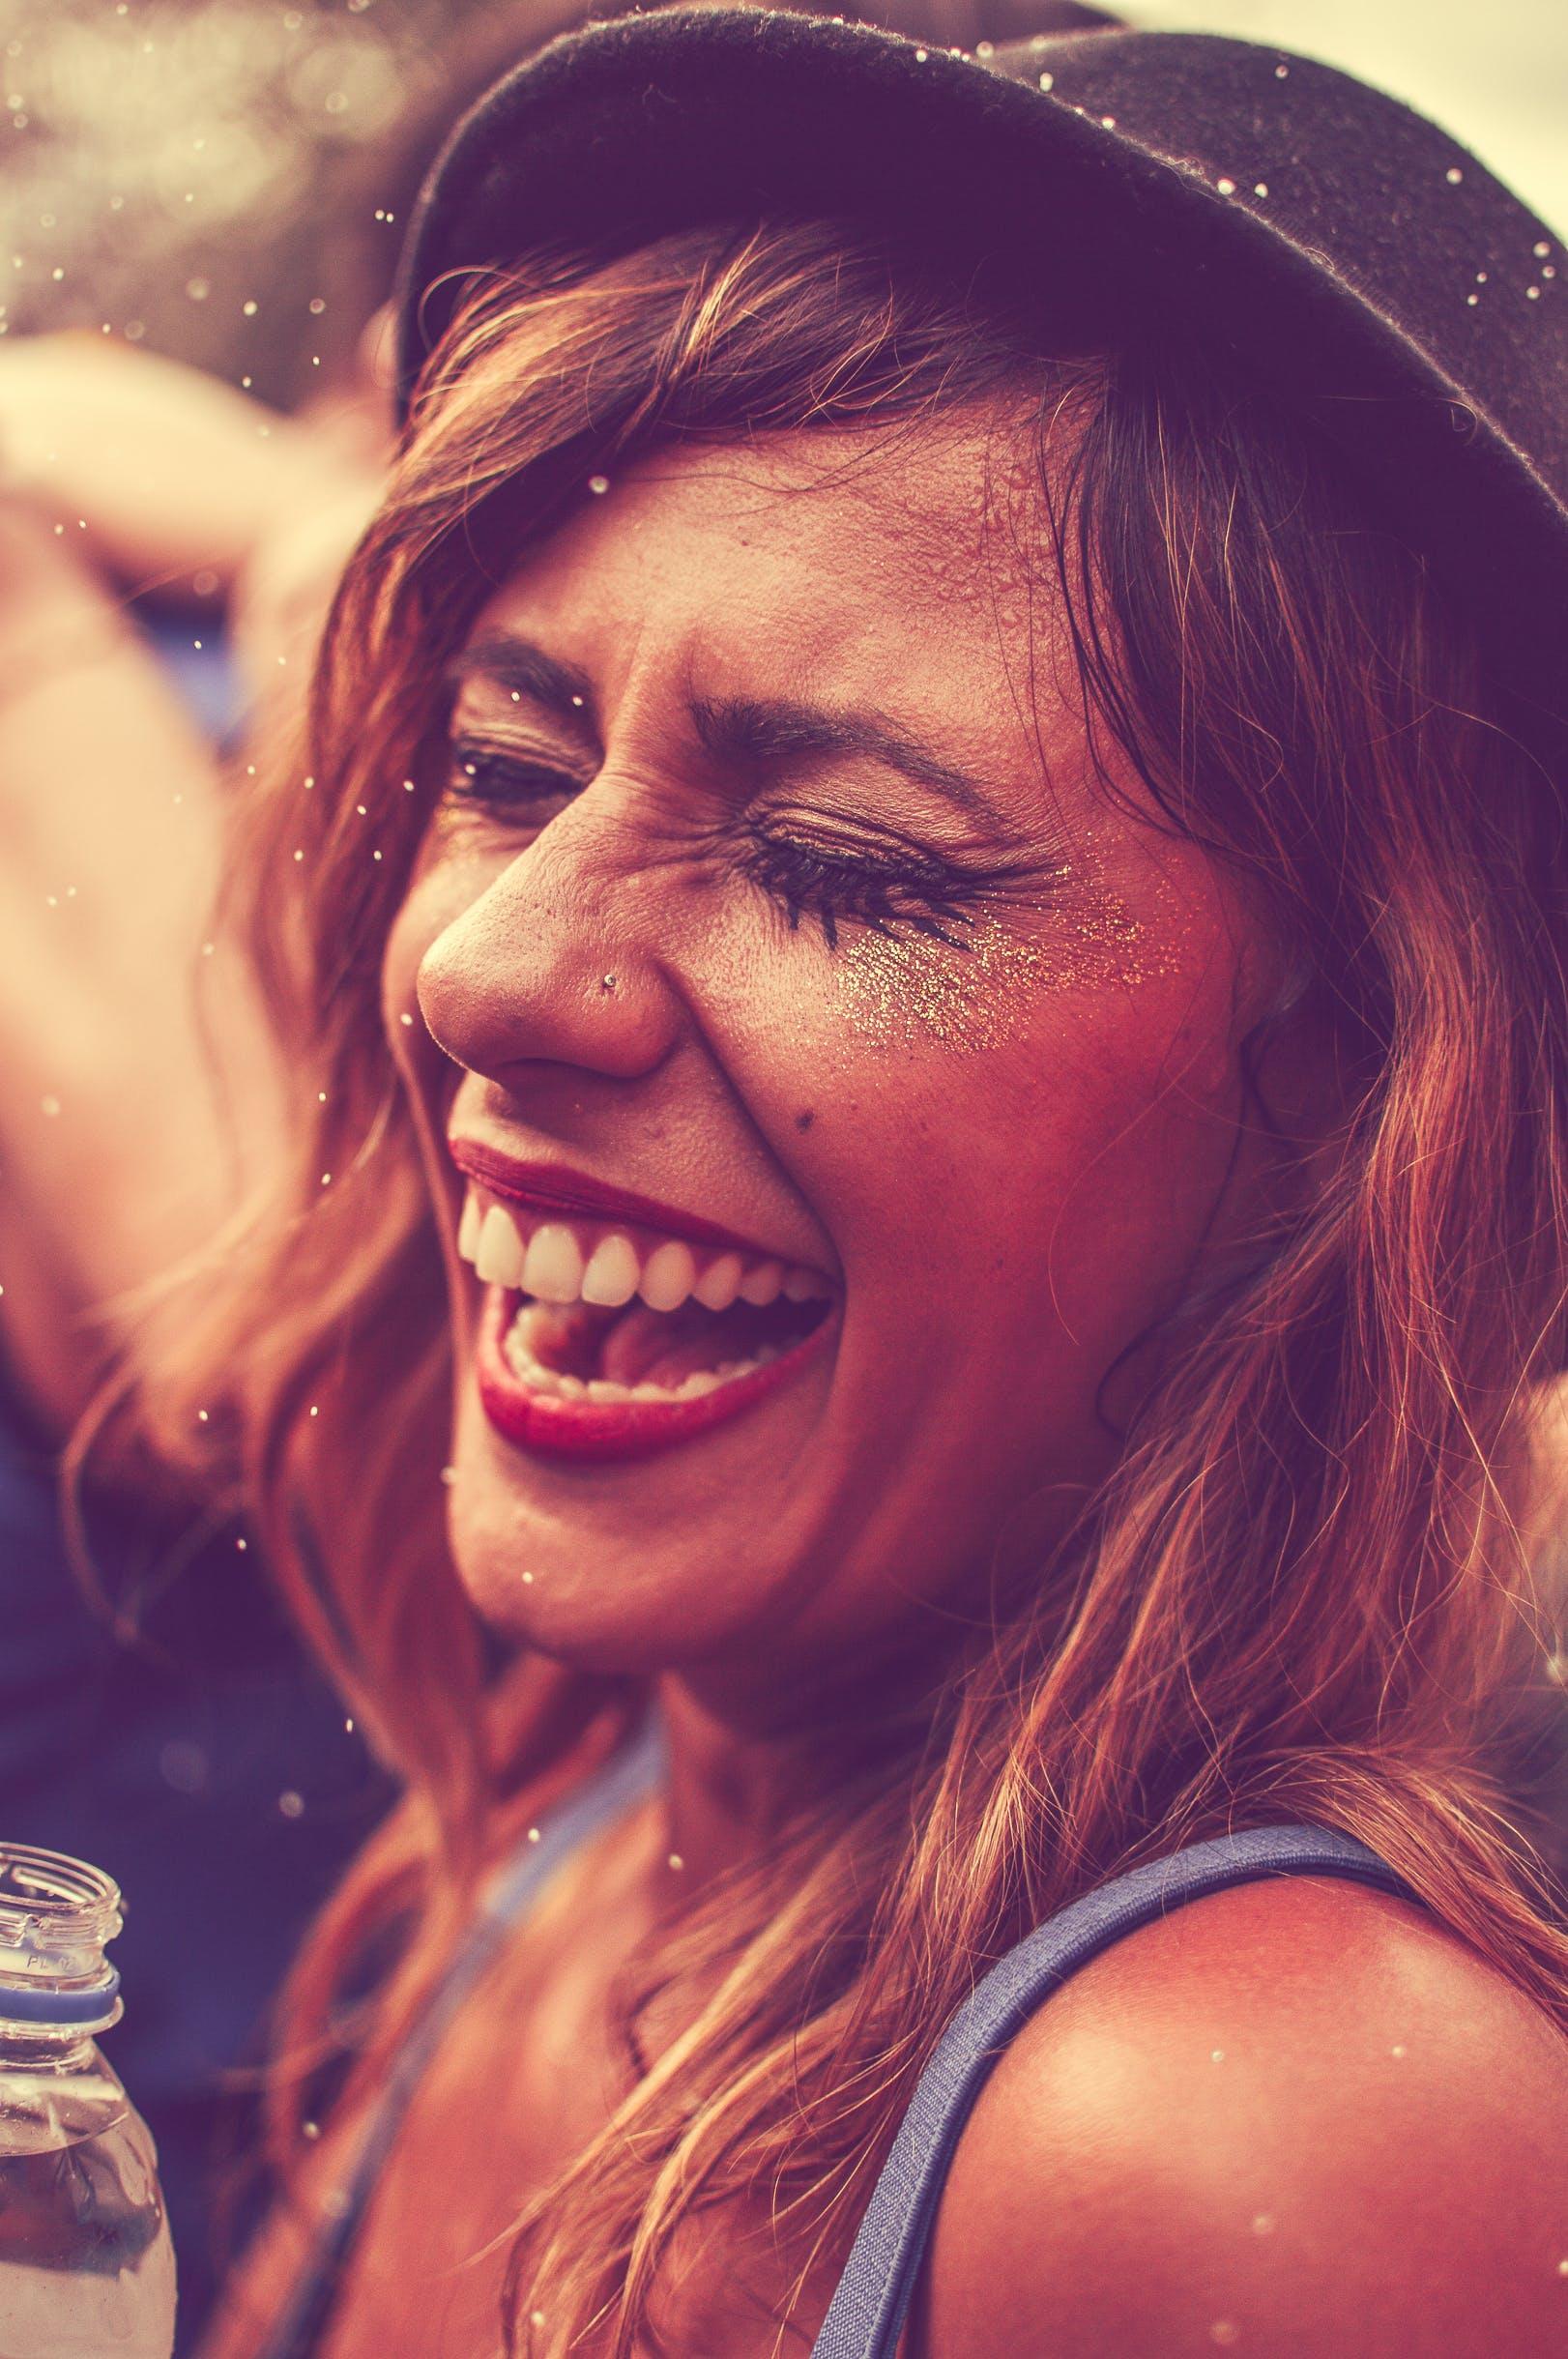 Laughing Woman Wearing Blue Tank Top